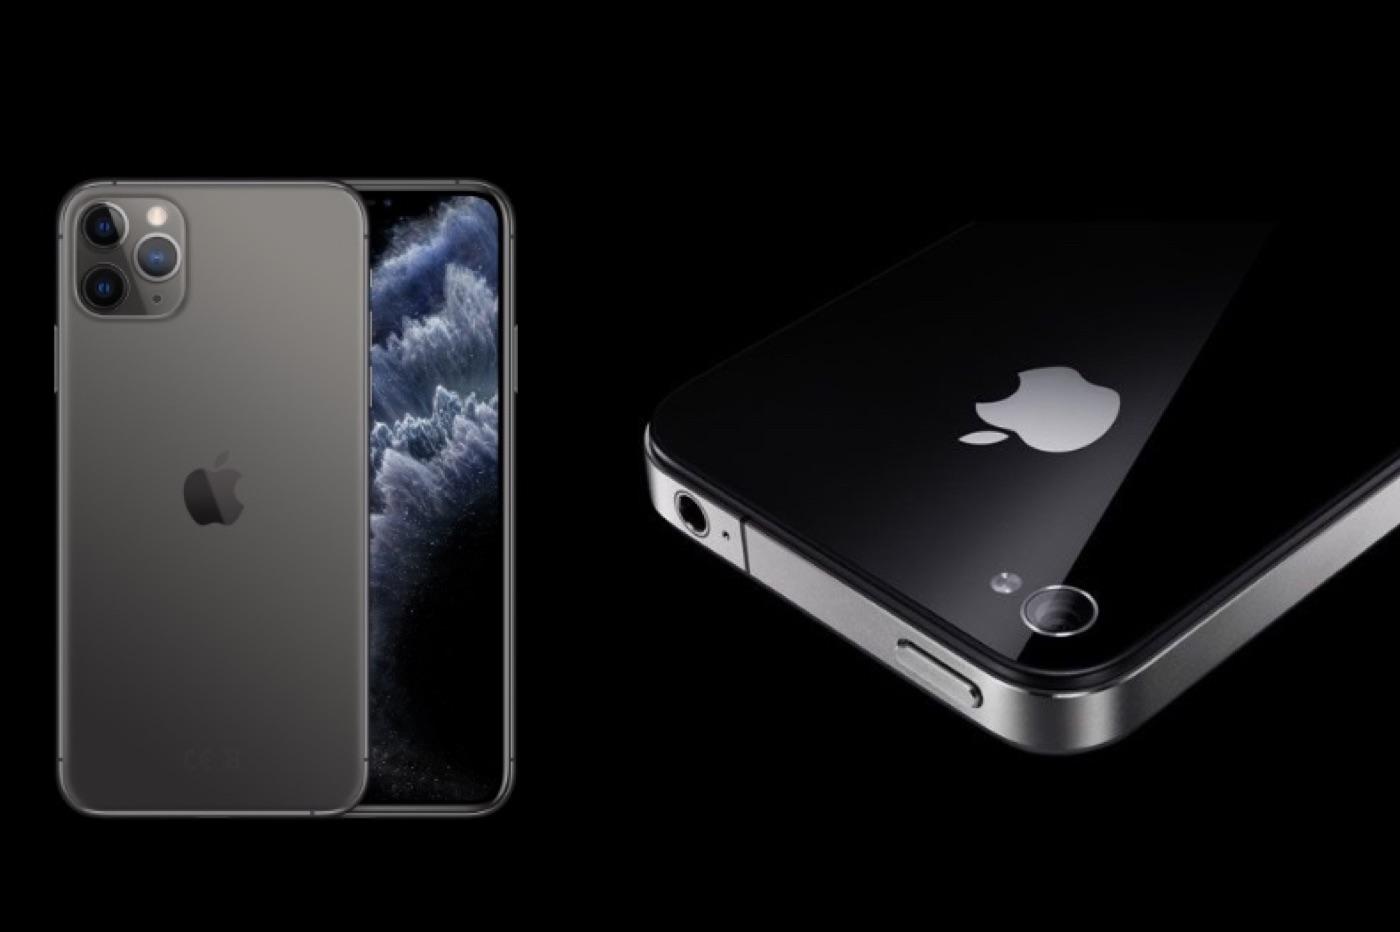 Un design d'iPhone 4 pour les prochains modèles de 2020 ?